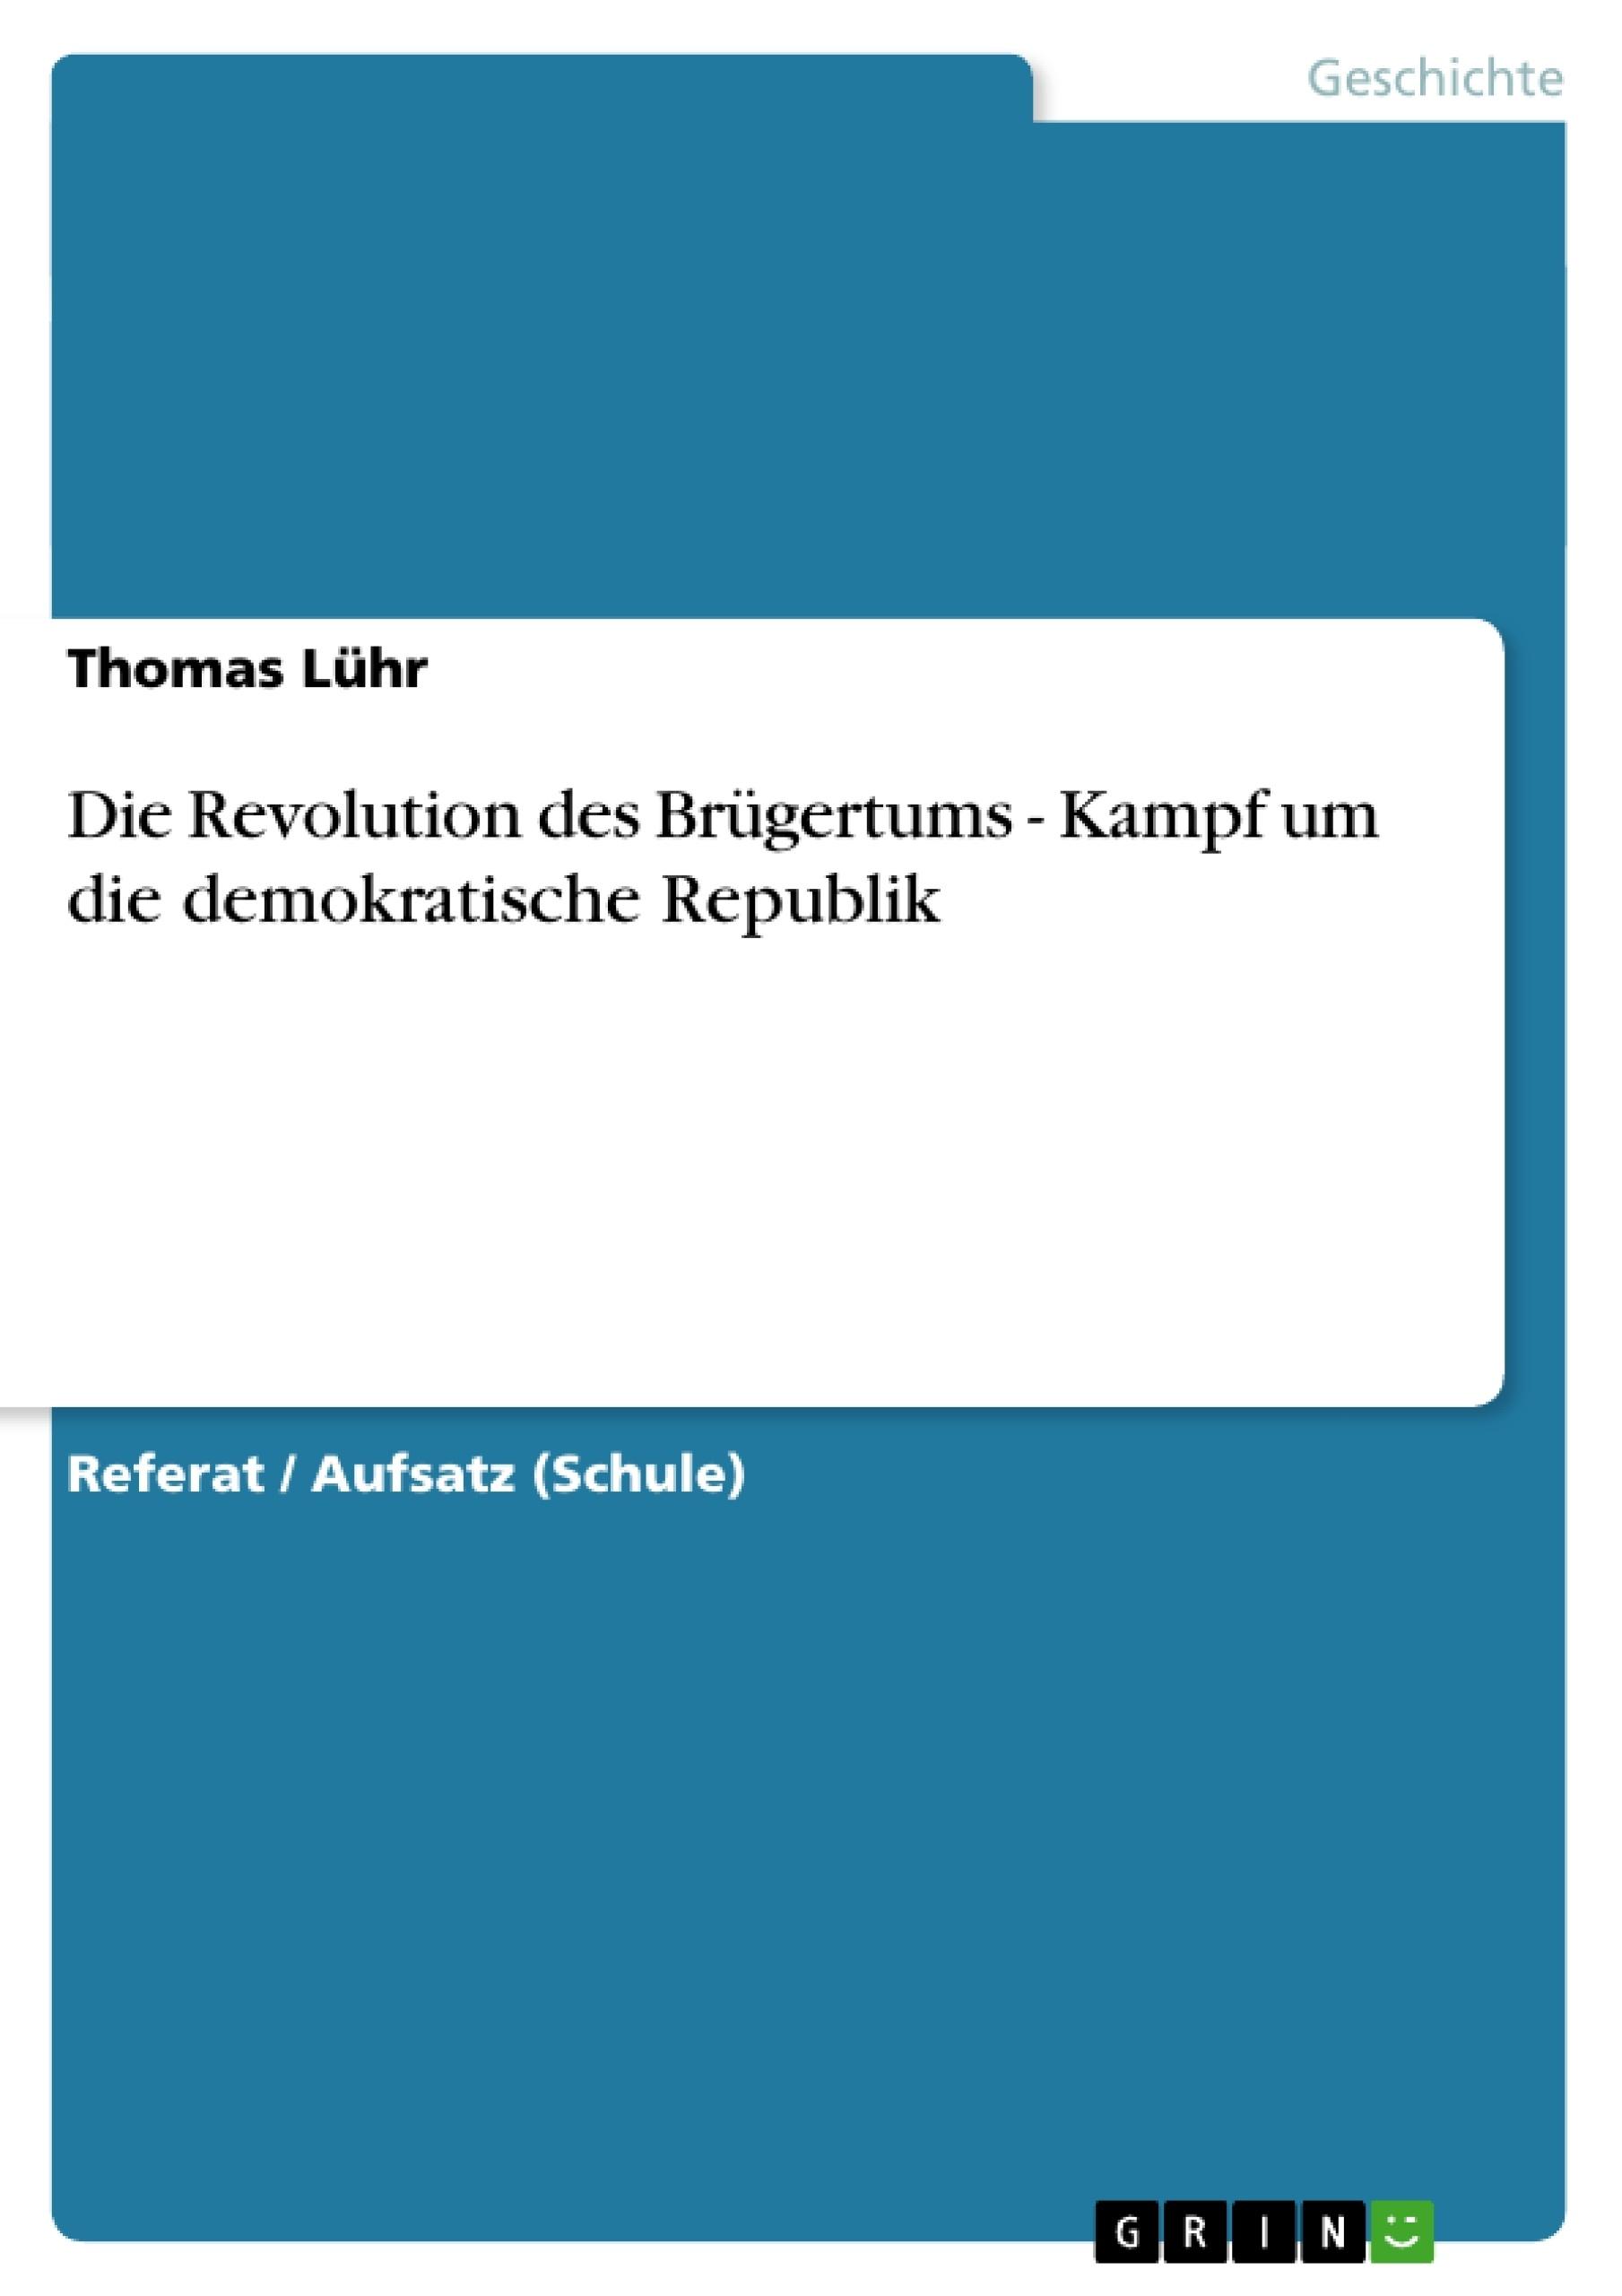 Titel: Die Revolution des Brügertums - Kampf um die demokratische Republik